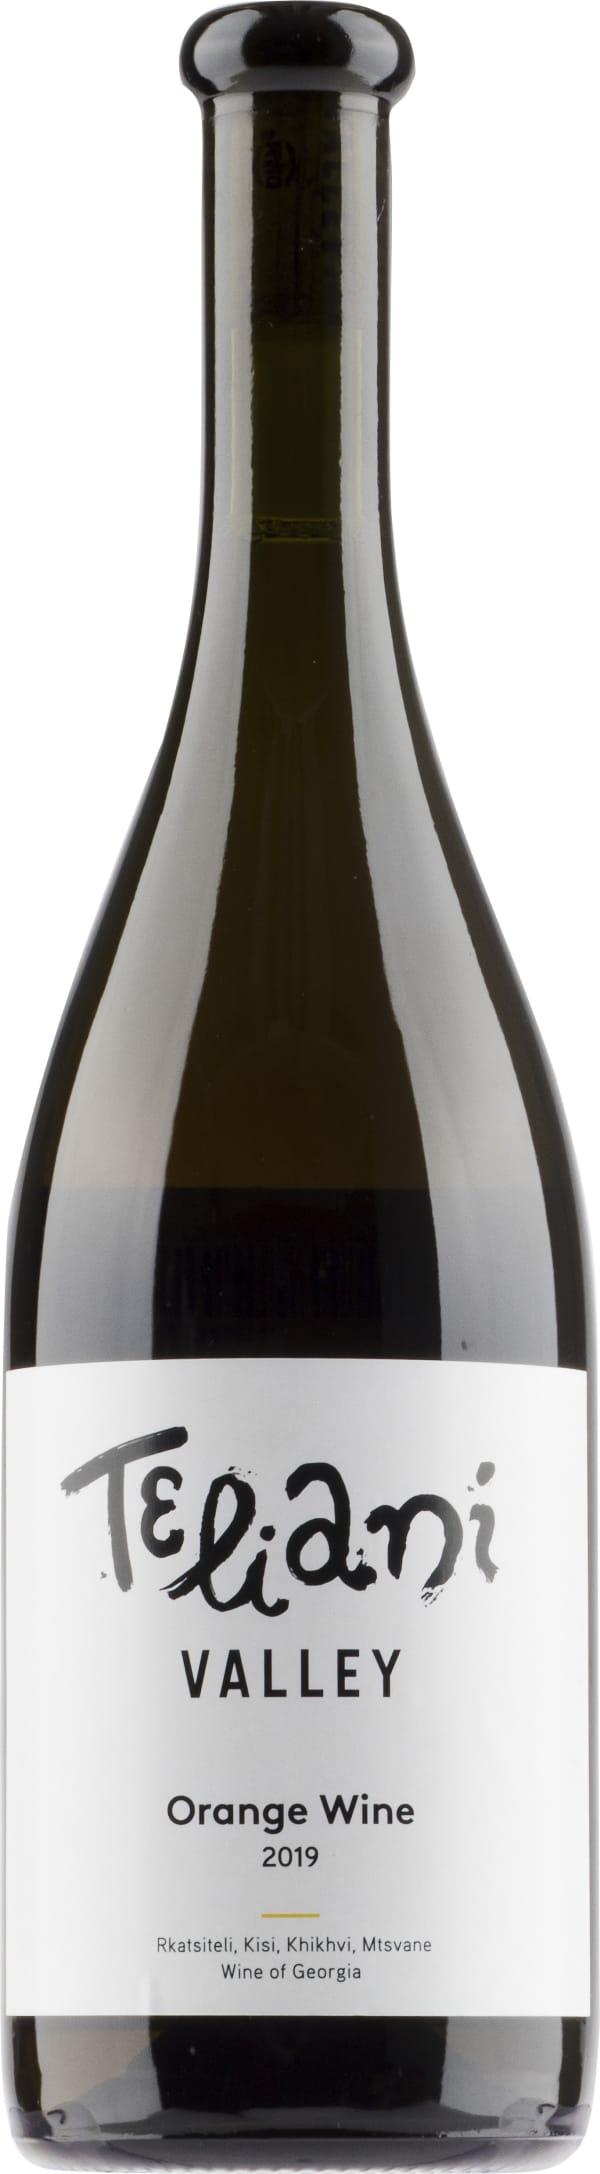 Teliani Valley Orange Wine 2019